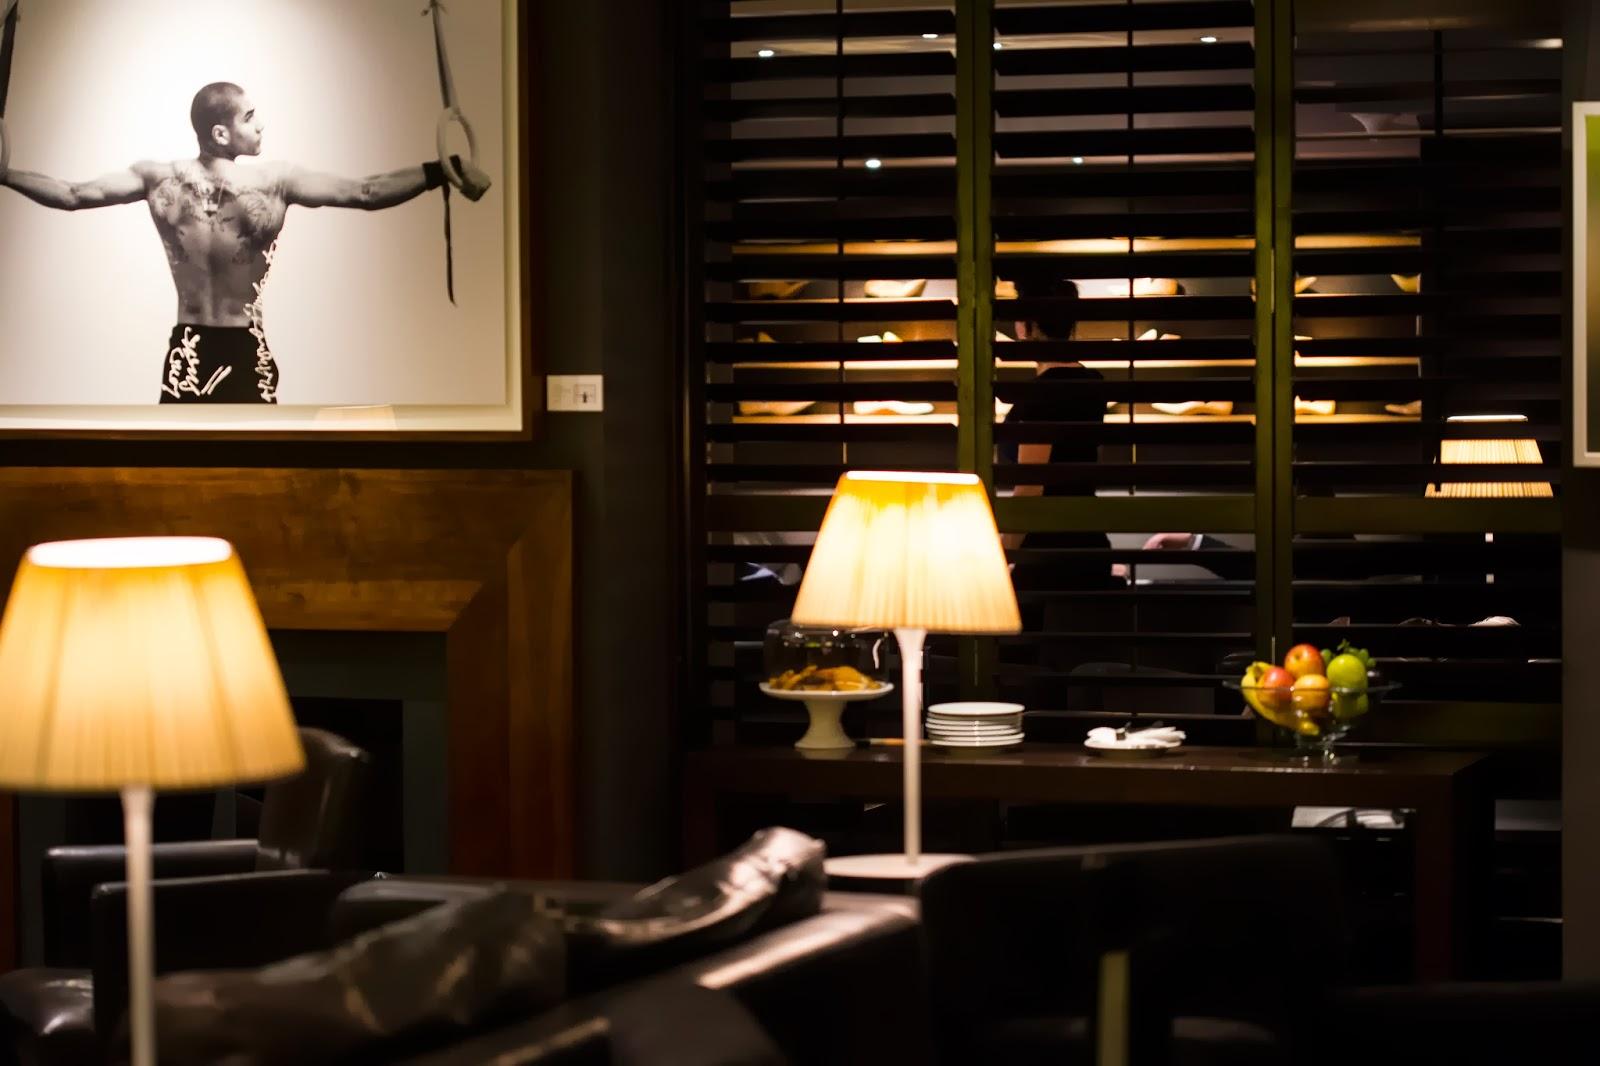 Blind dating restaurant london